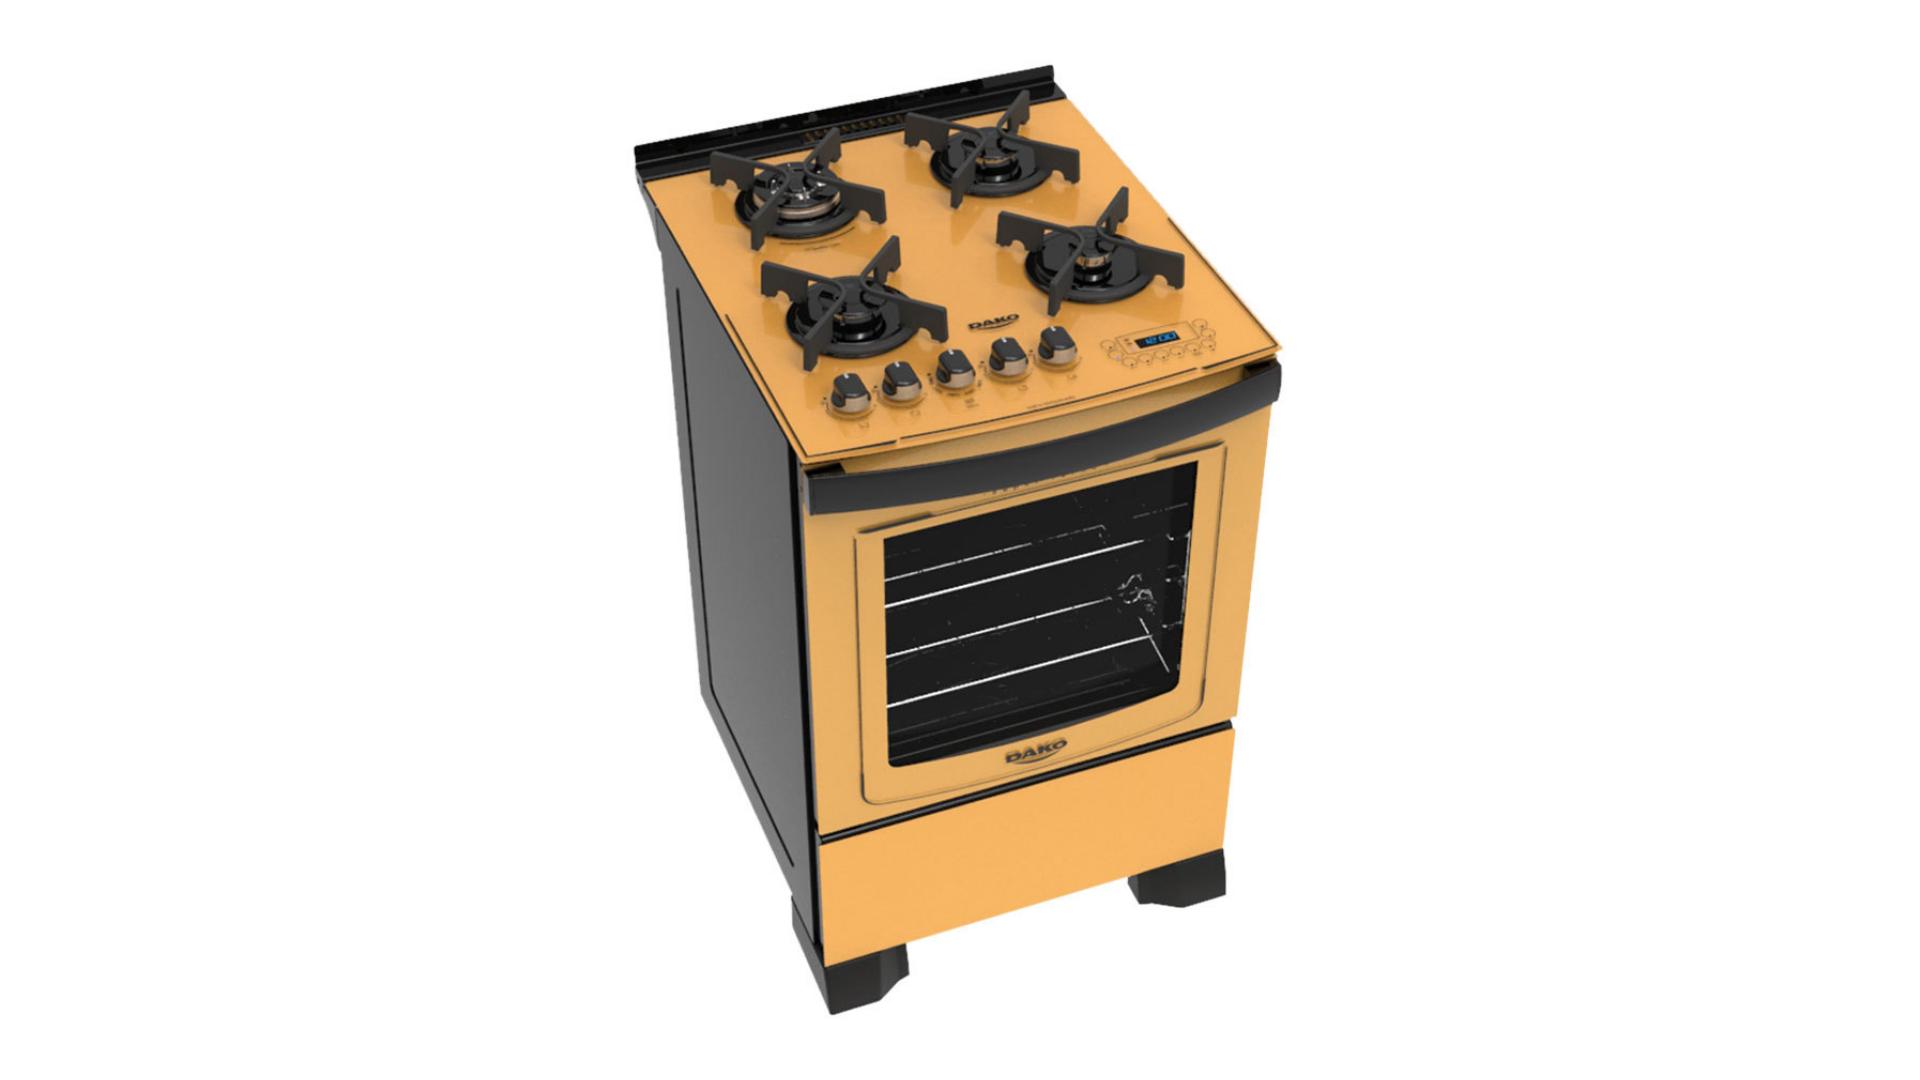 Veja a nossa lista com os melhores fogões da Dako de 4 bocas! (Imagem: Divulgação/Dako)